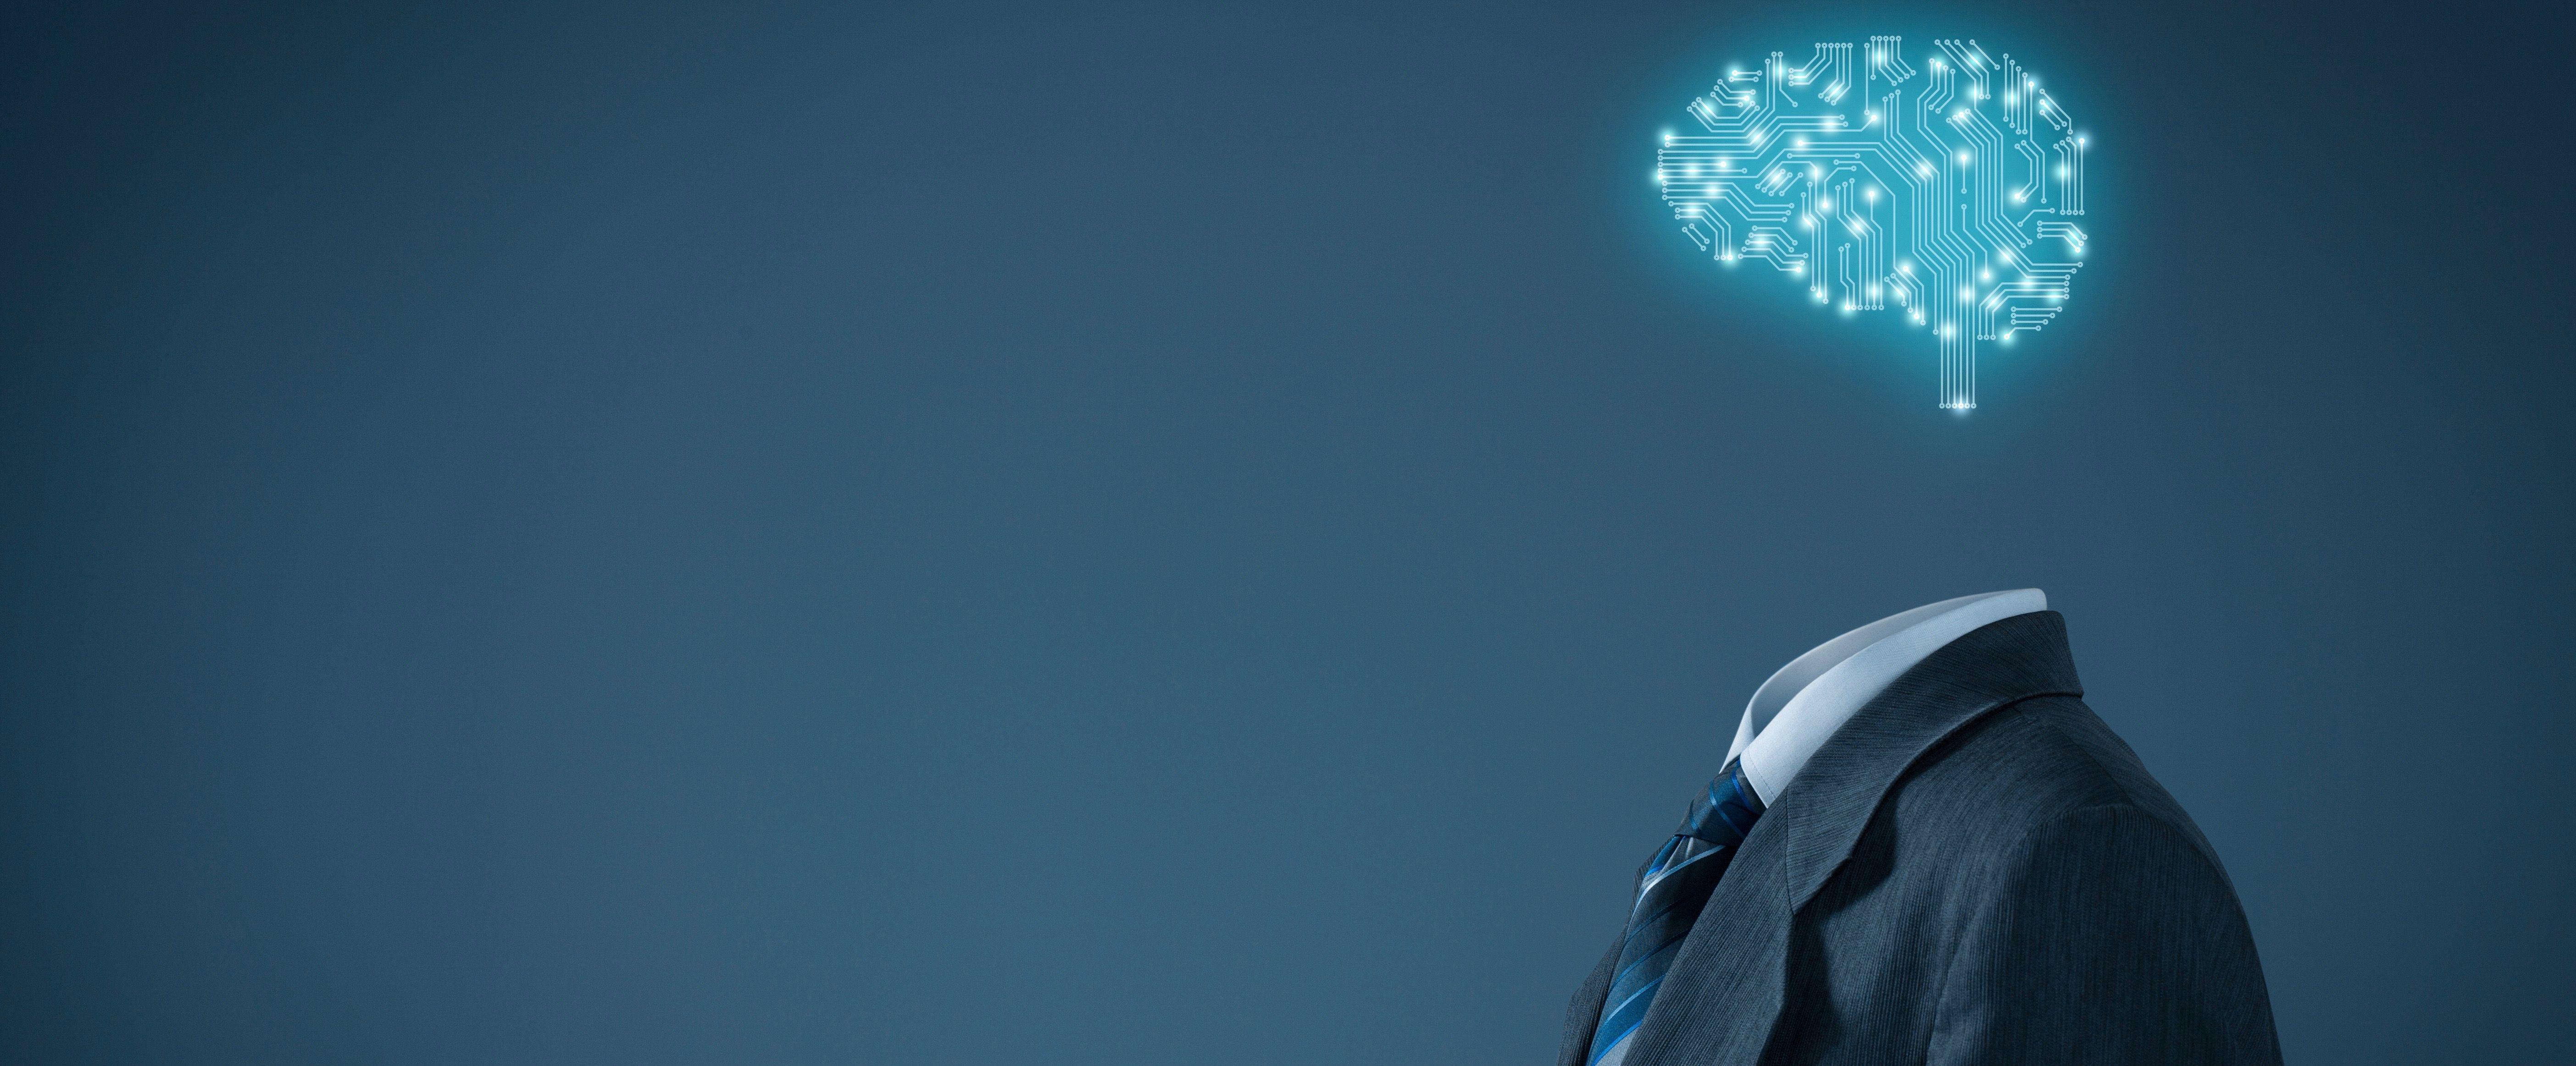 AI-Startups-compressor.jpg